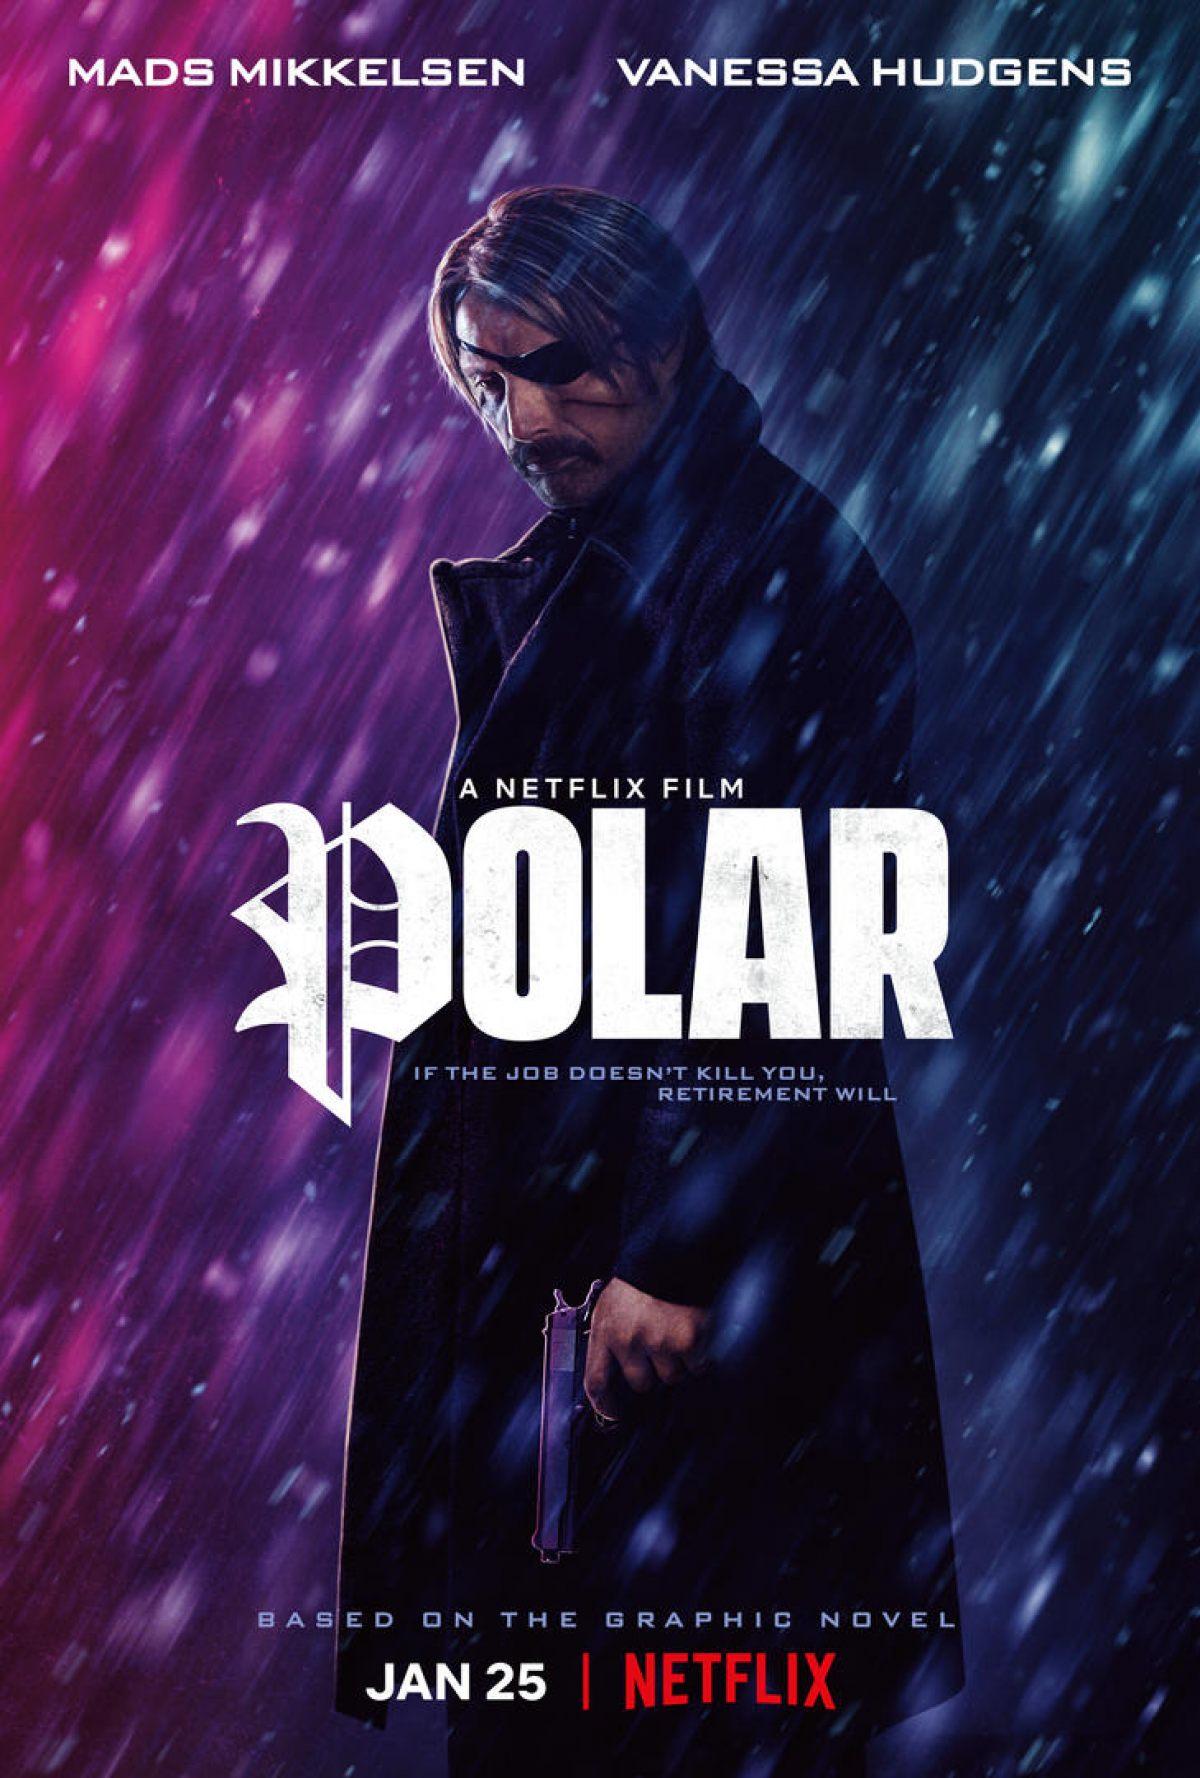 Polar-Netflix-Mads-Mikkelsen_1200_1778_8